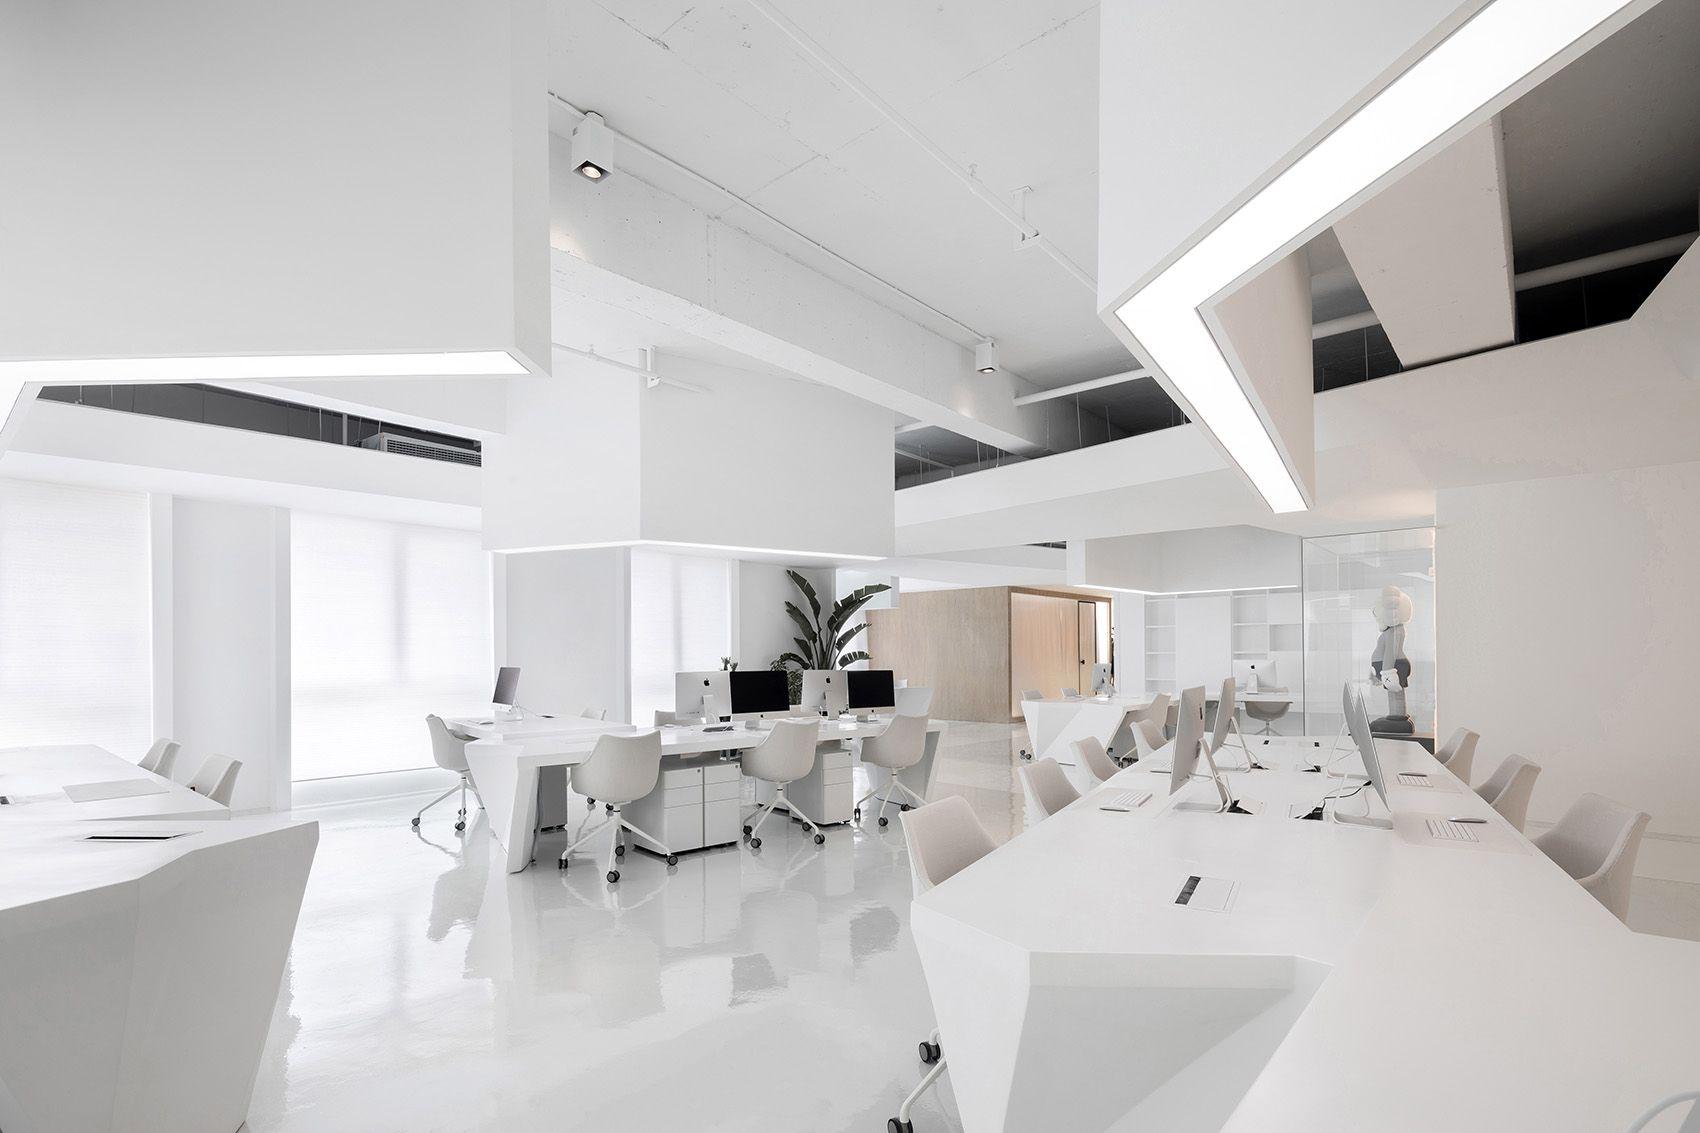 时上建筑设计   一条白裙延伸的办公空间 ! 沈墨 - 4